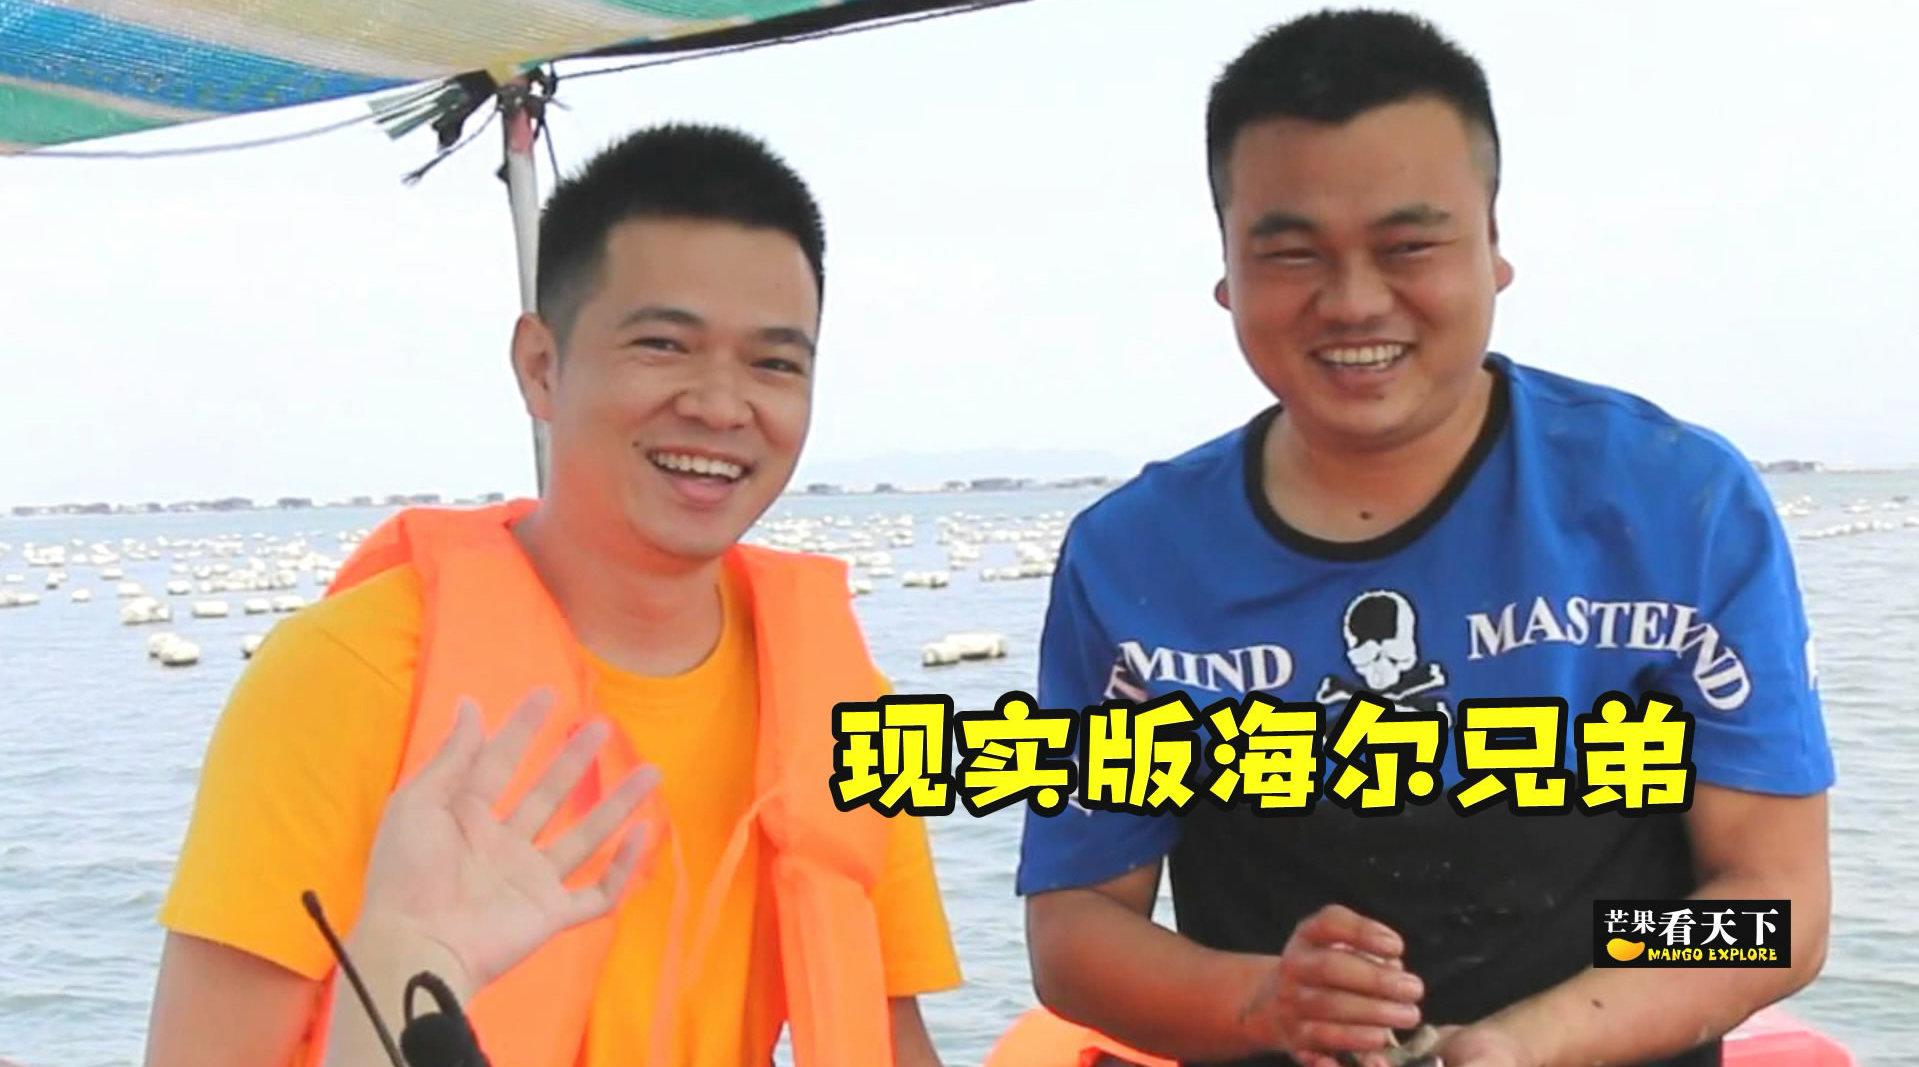 福建东山岛有一对海尔兄弟,白首起家卖海鲜长达5年